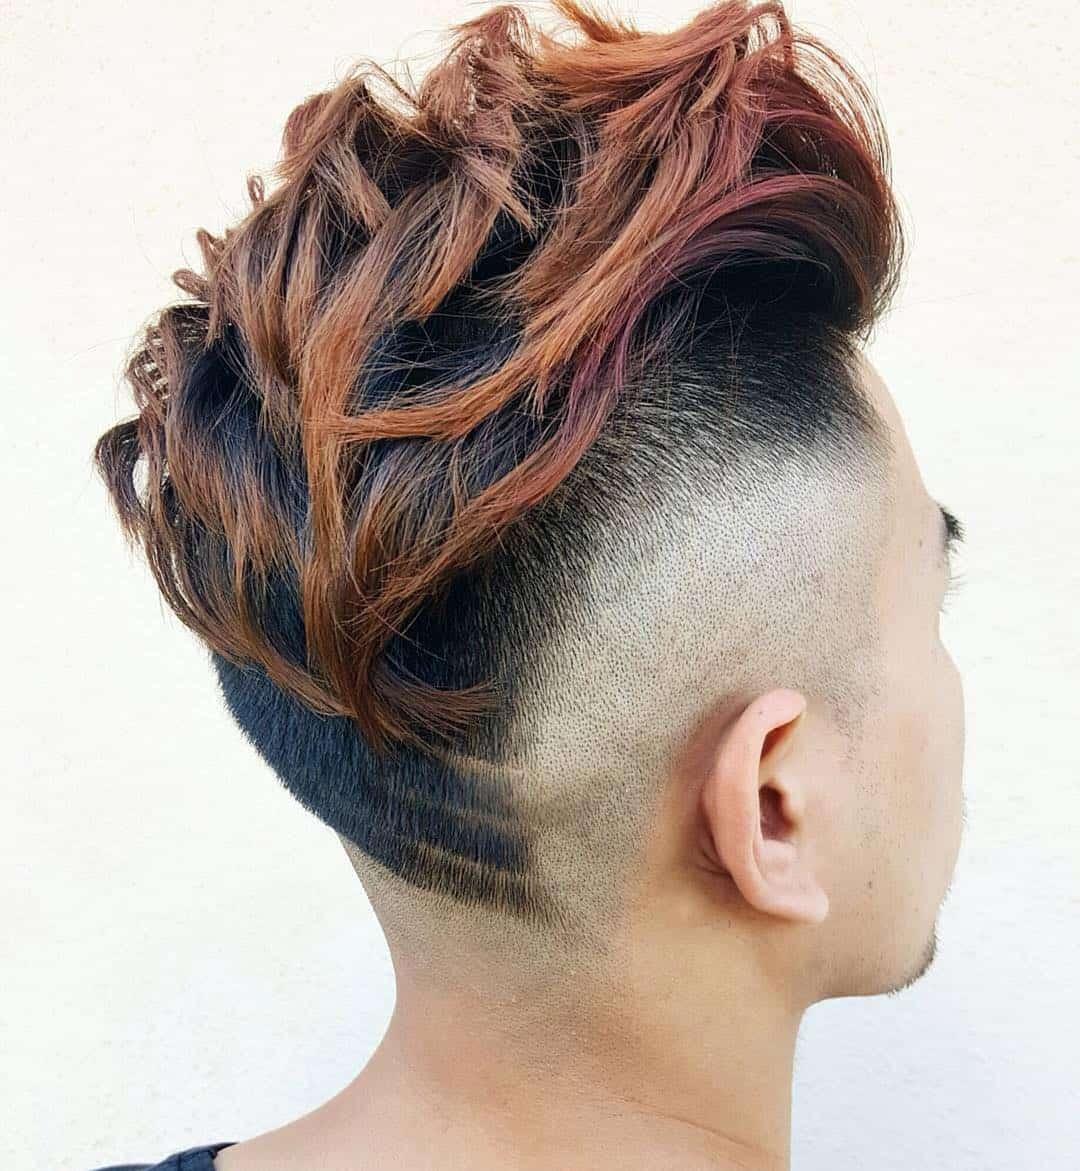 60 Best Hair Color Ideas For Men